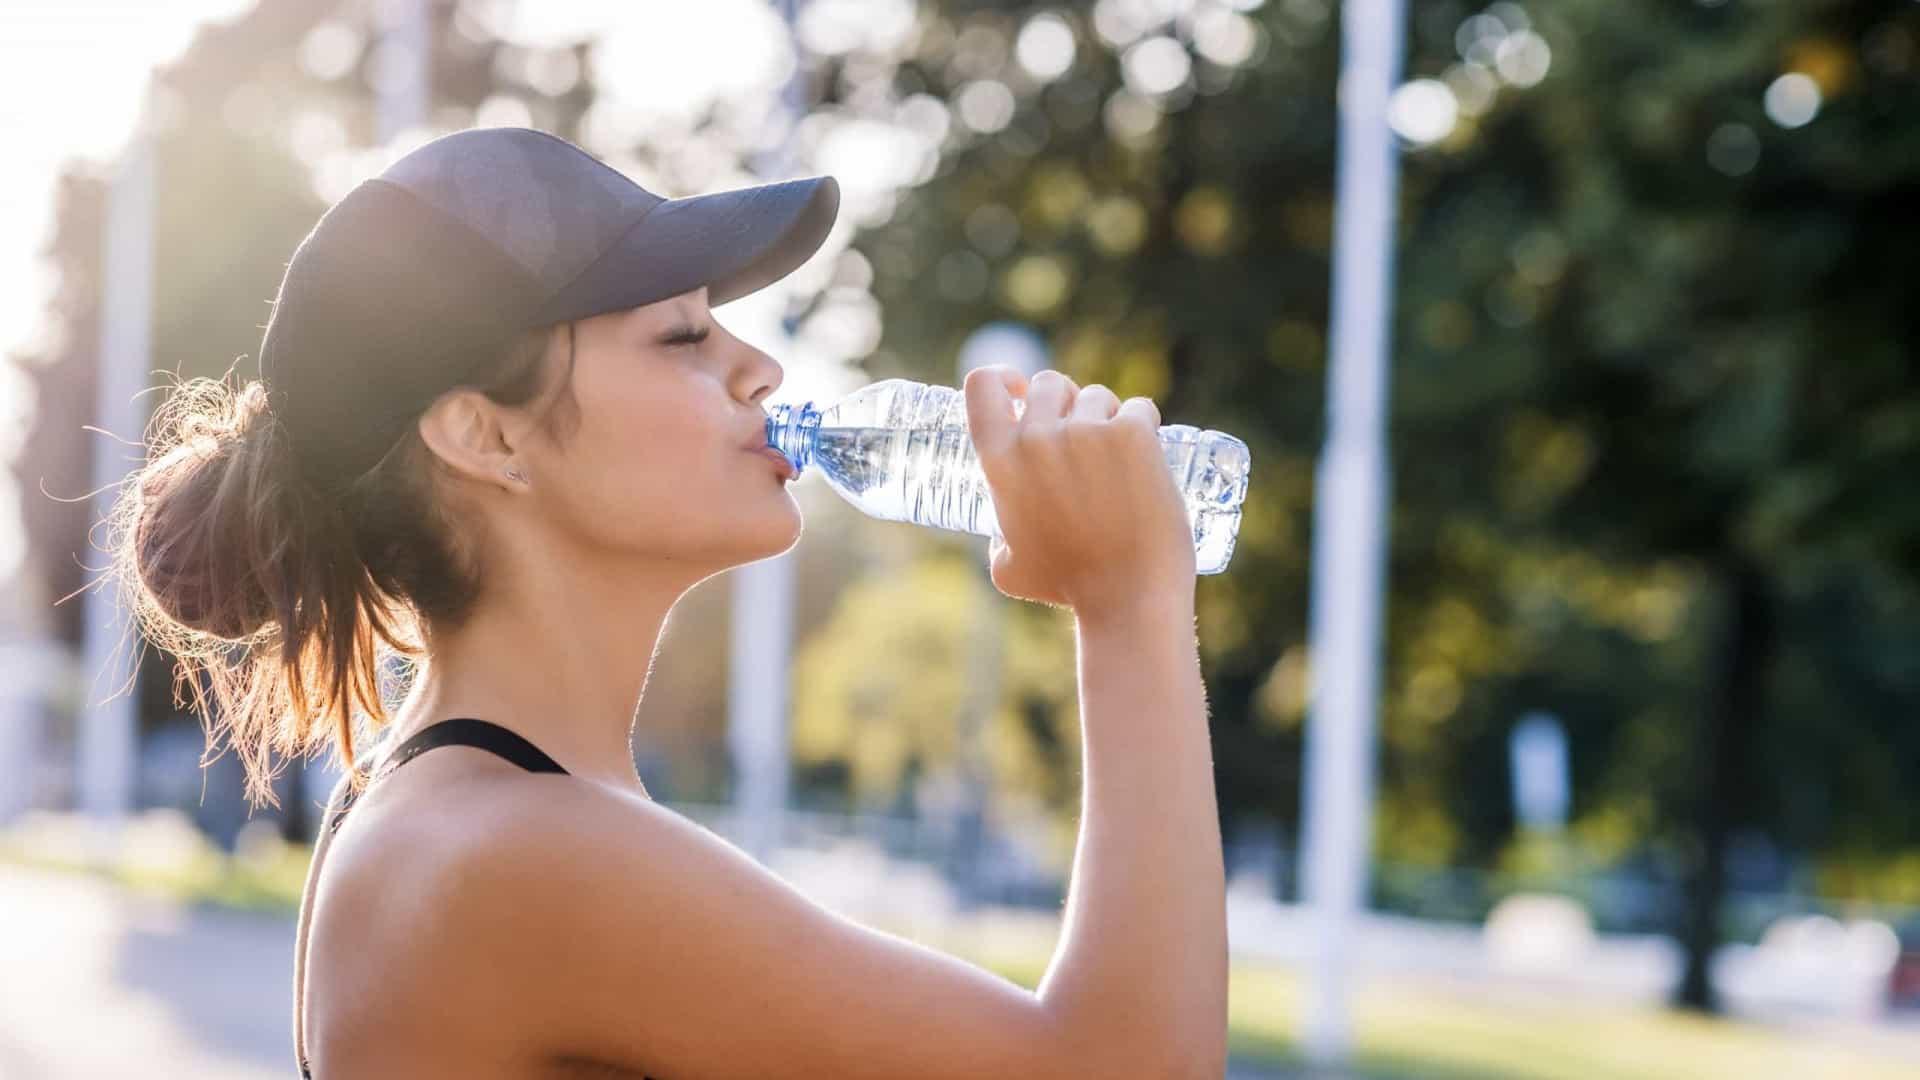 Vocês sabem a importância de beber água além de uma pele mais bonita?